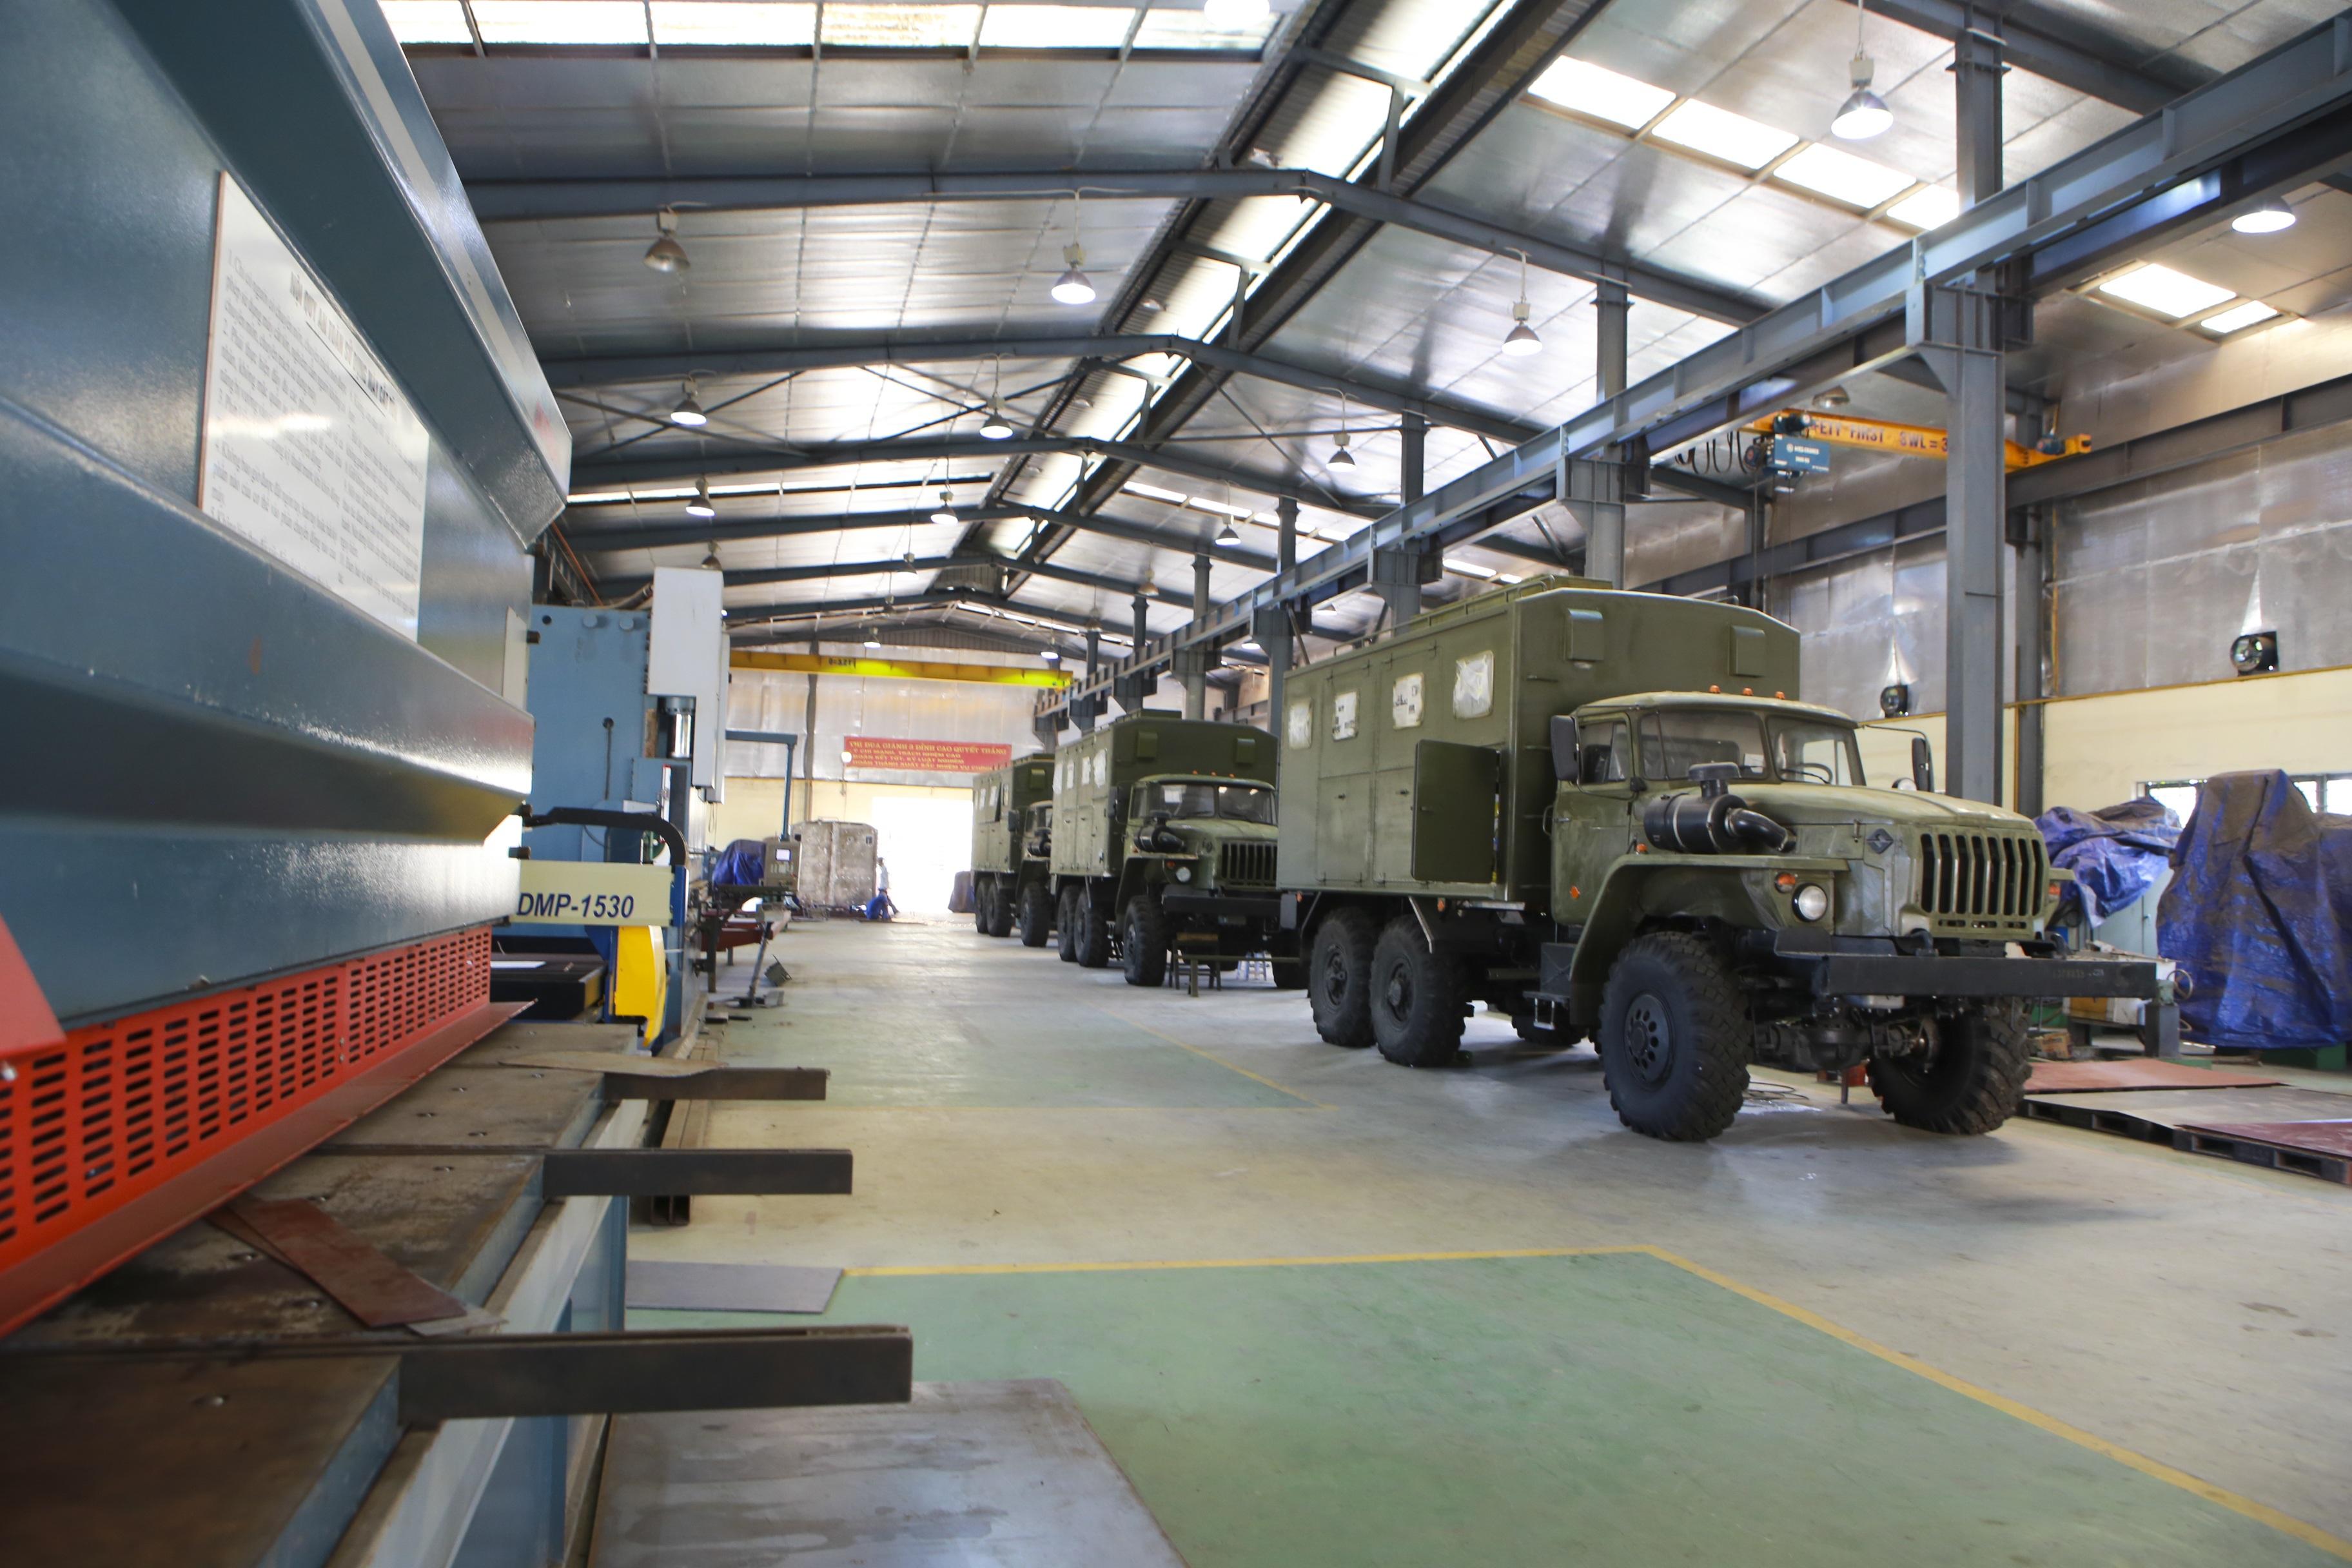 Khám phá xe công trình sửa chữa cơ khí tổng hợp của Quân đội Nhân dân Việt Nam - 1